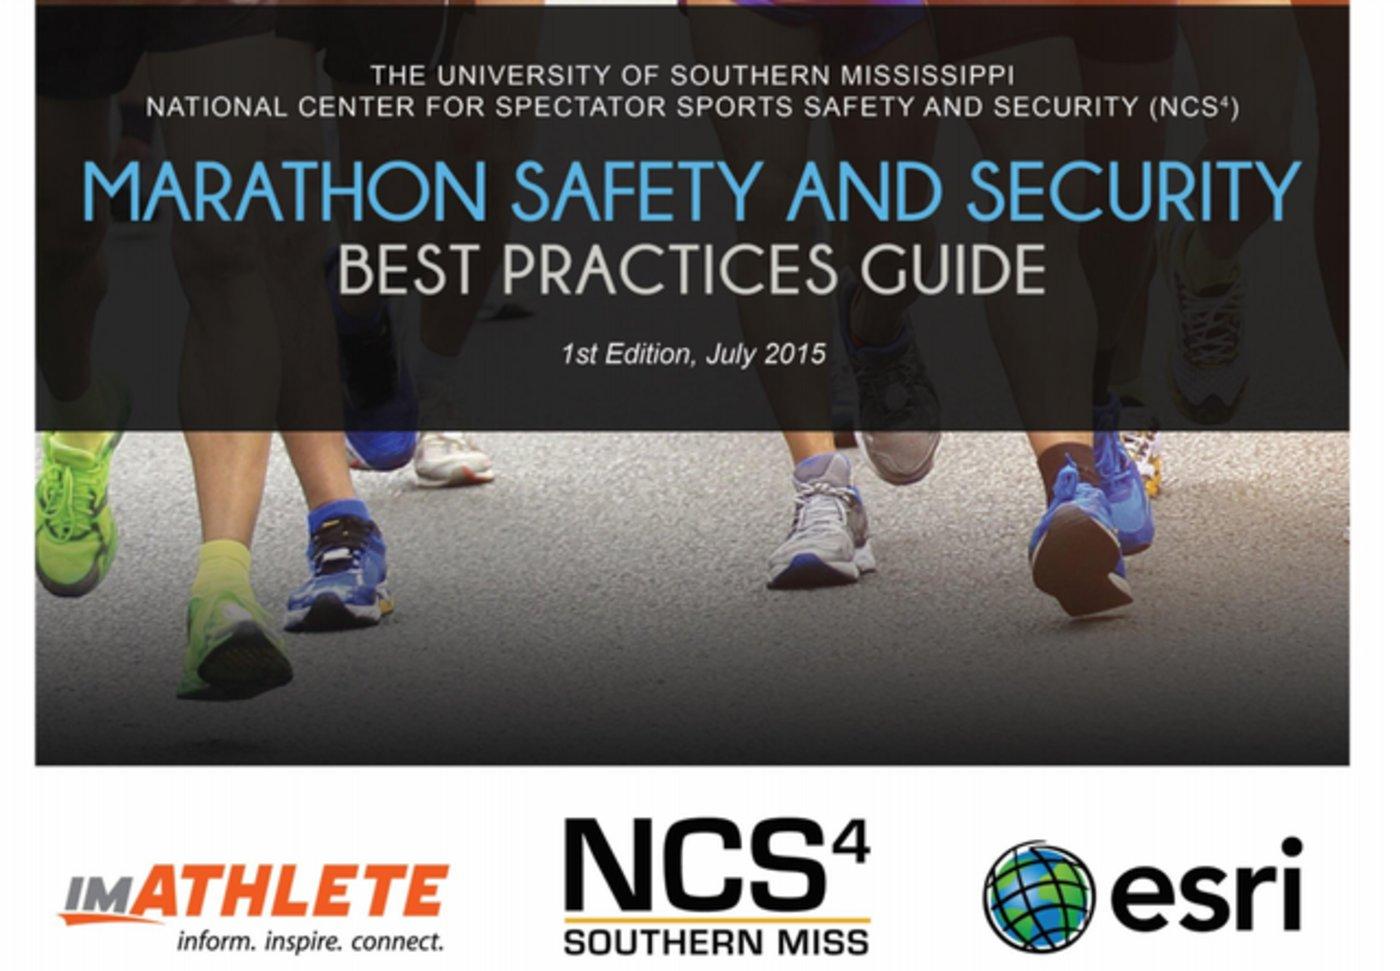 《马拉松赛事安全与保障最佳指南》第一版封面